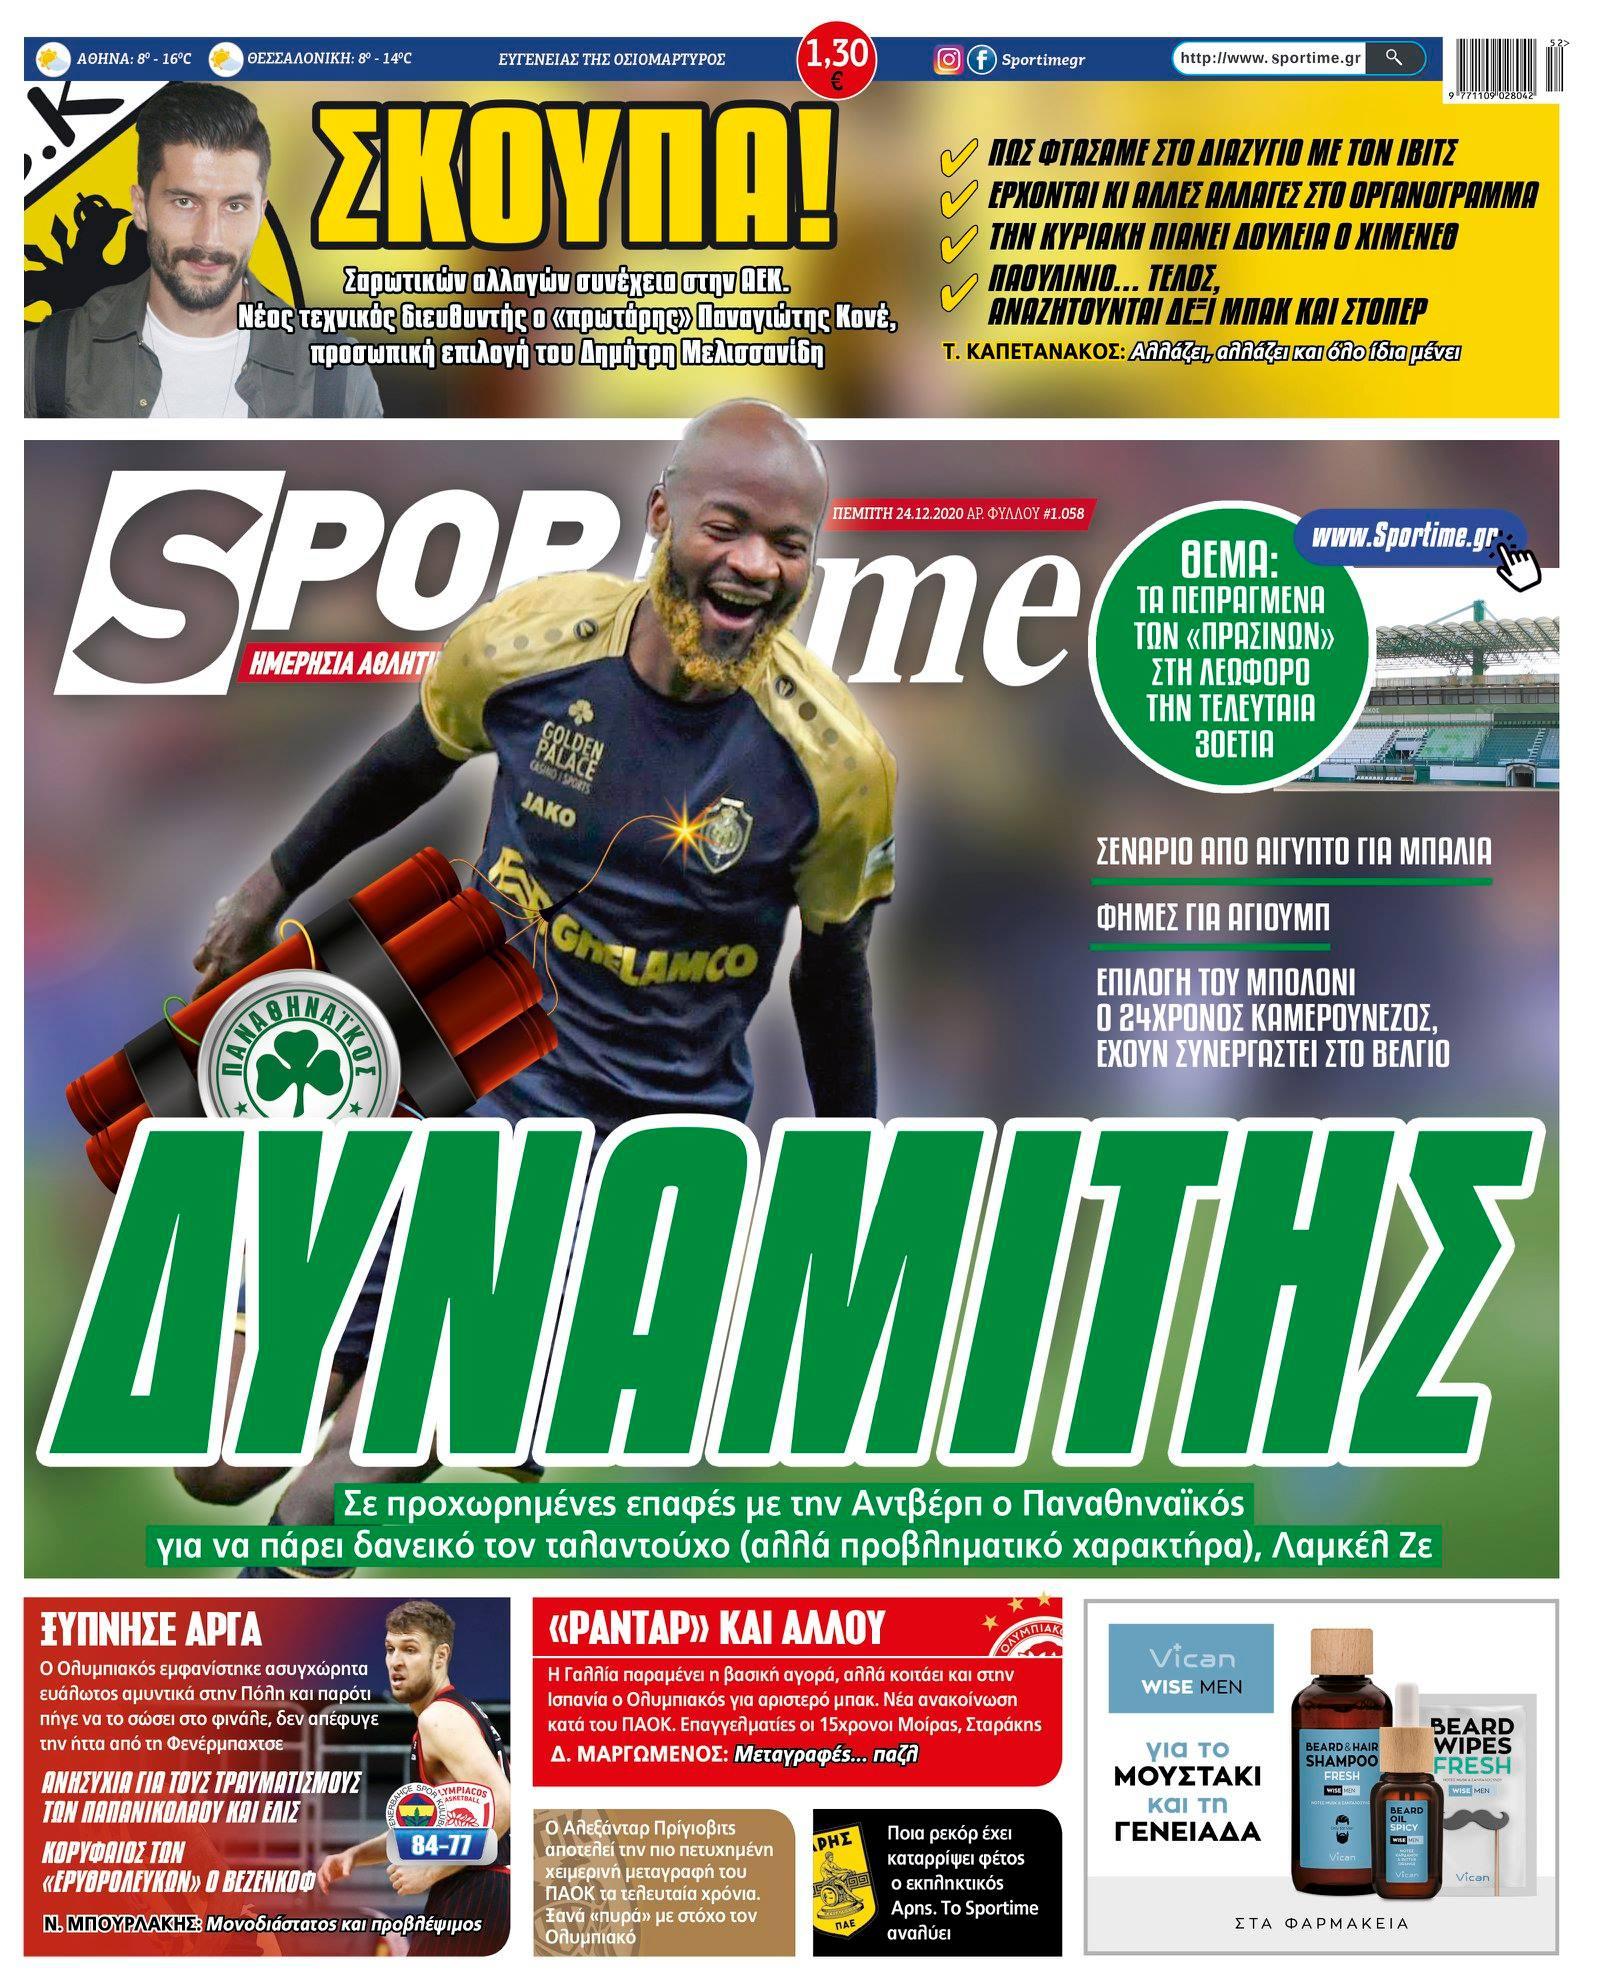 Εφημερίδα SPORTIME - Εξώφυλλο φύλλου 24/12/2020